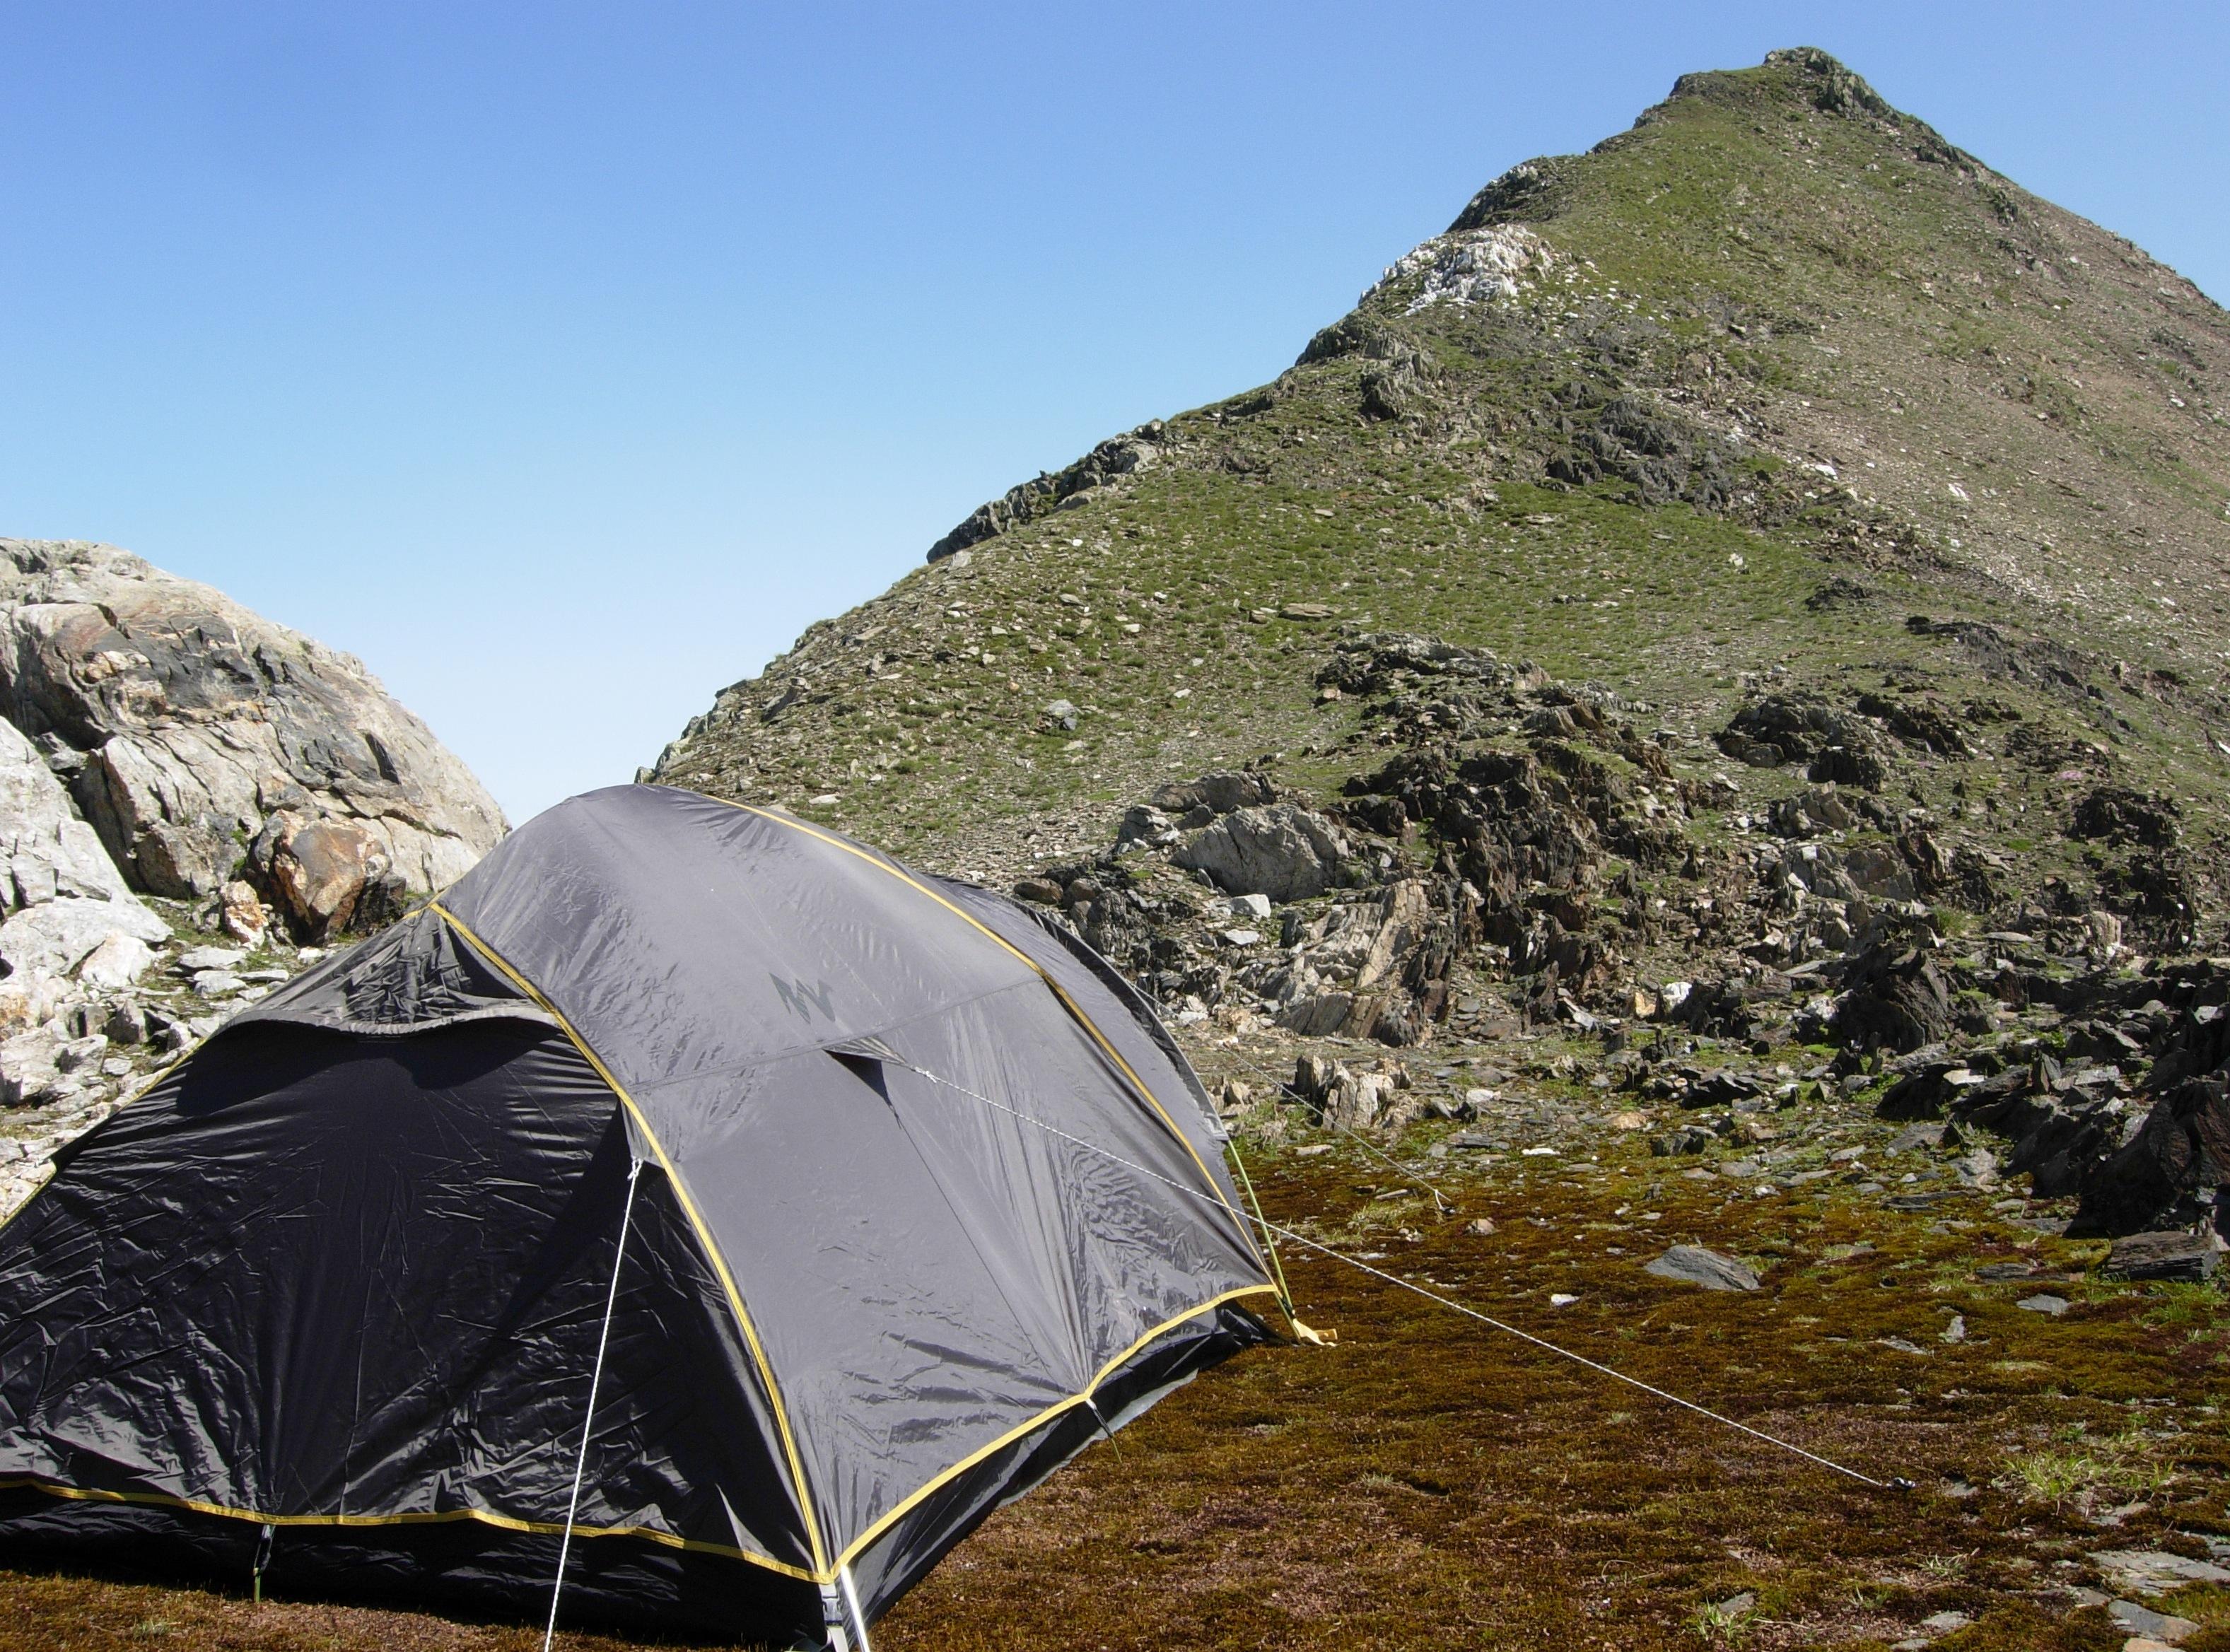 Questo è il luogo scelto per il bivacco, oltre la tenda il Poncione di Val Piana